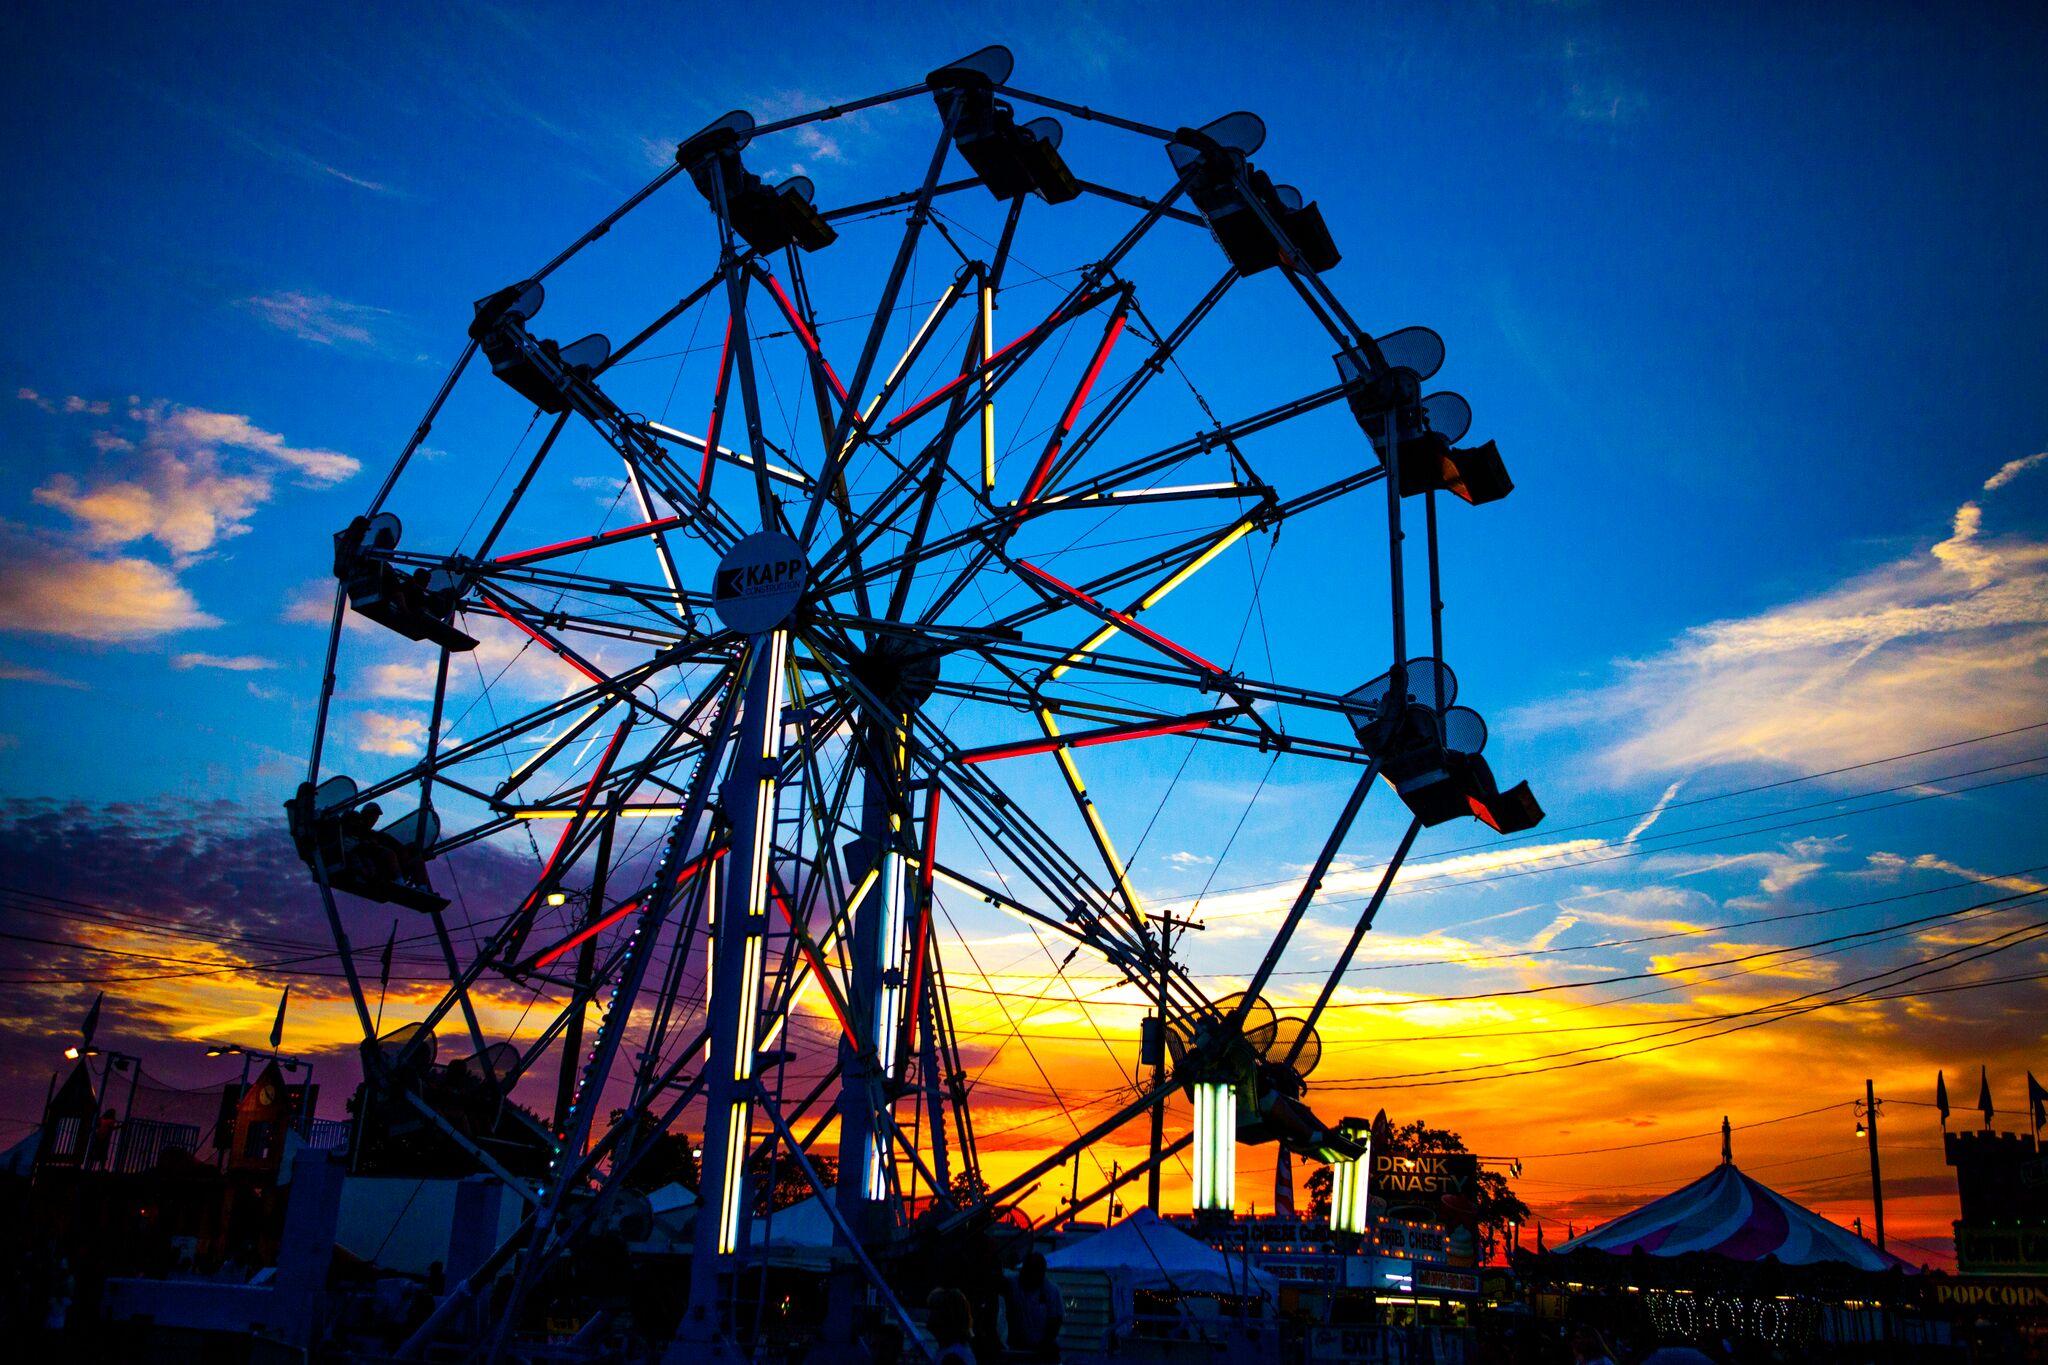 2019 Clark County Fair - Clark County Fairgrounds